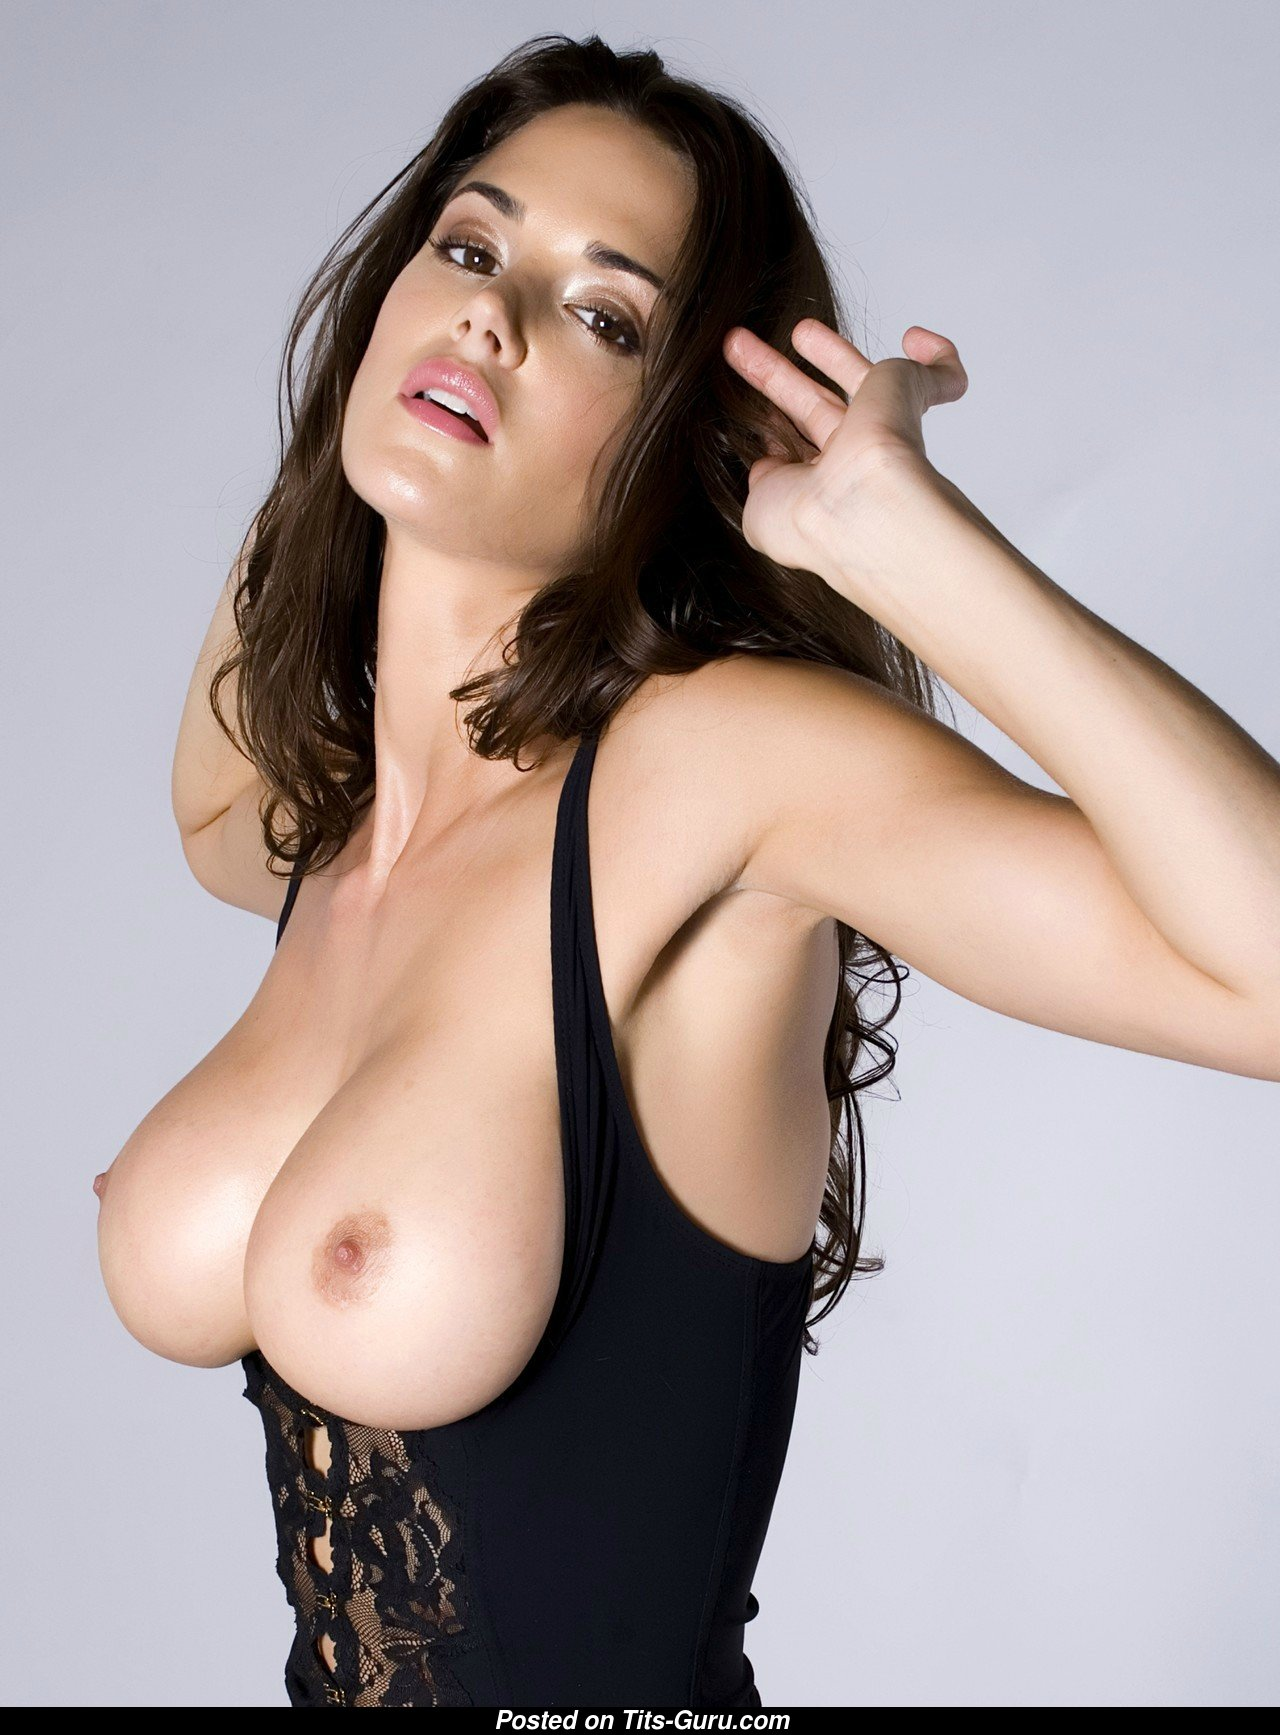 Big boob nude women on boats